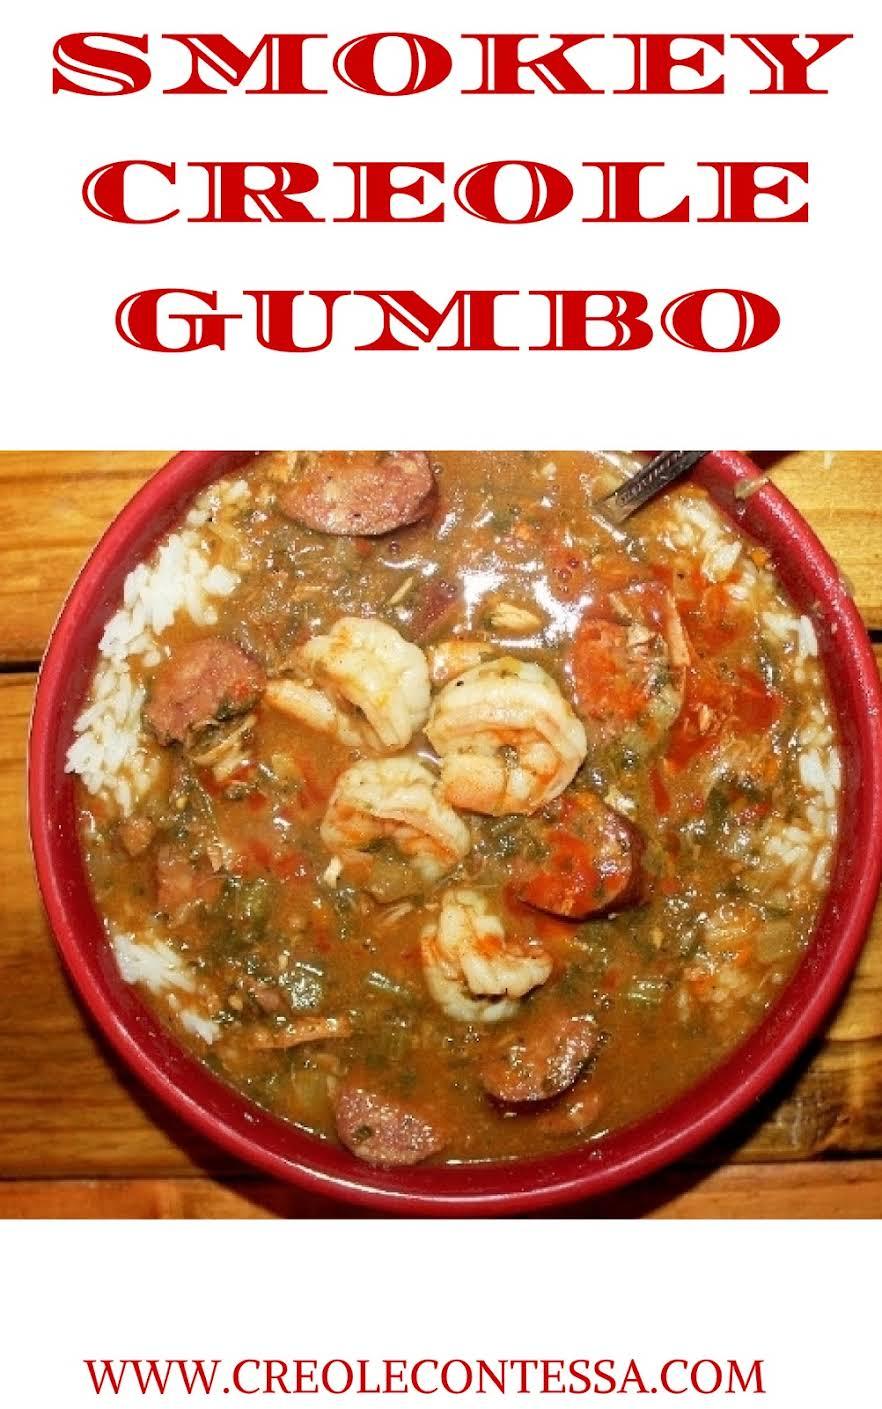 Smokey Creole Gumbo with Hot Sauce